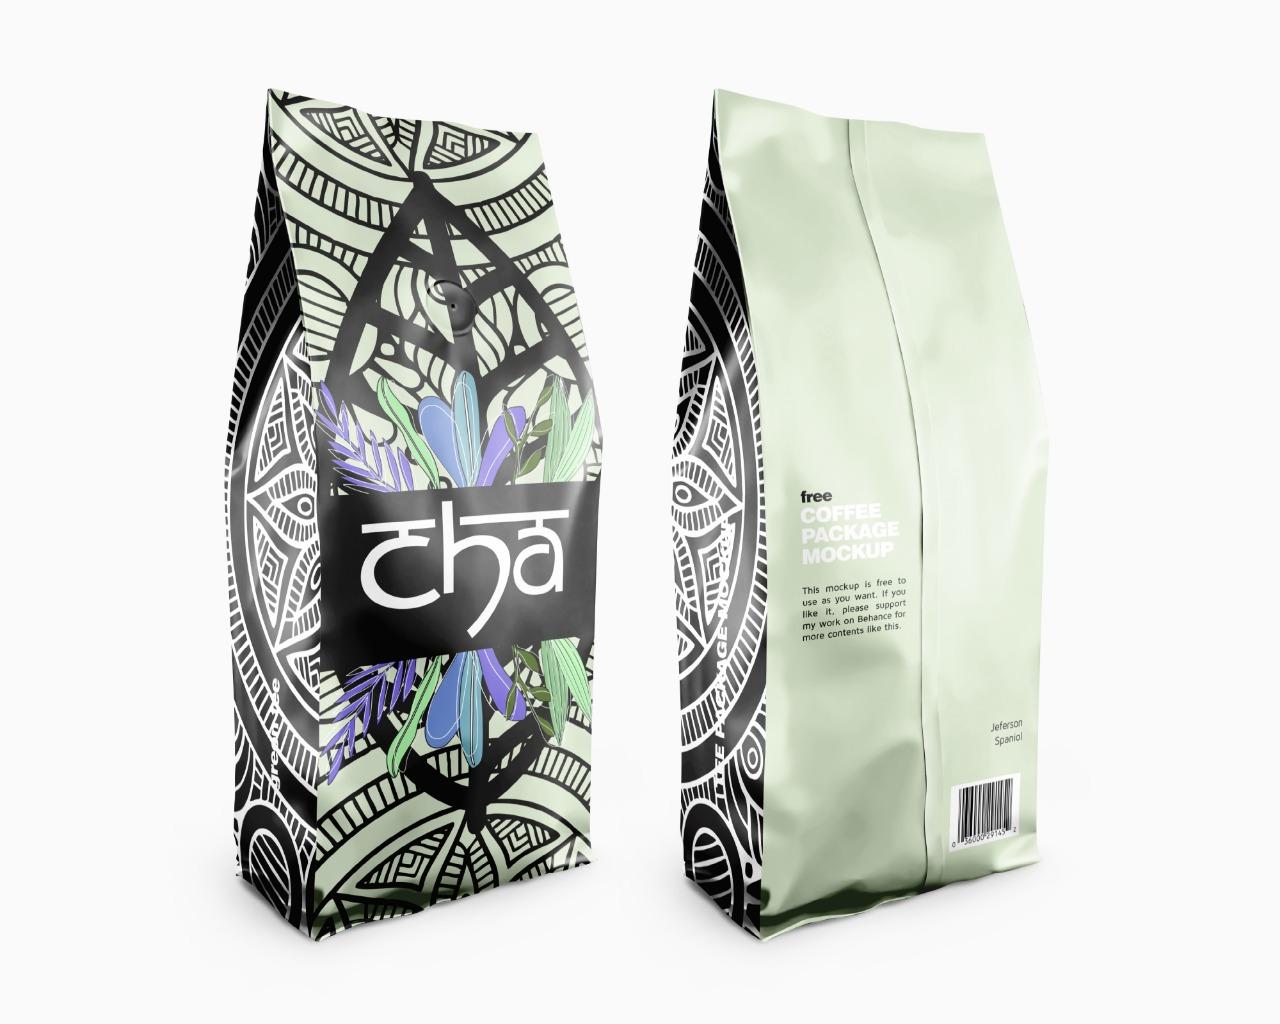 Фото Дизайн упаковки для чёрного чая. Заказчик полностью доверился моему вкусу, и был не разочарован. Заказ выполнен успешно и отправлен на производство!